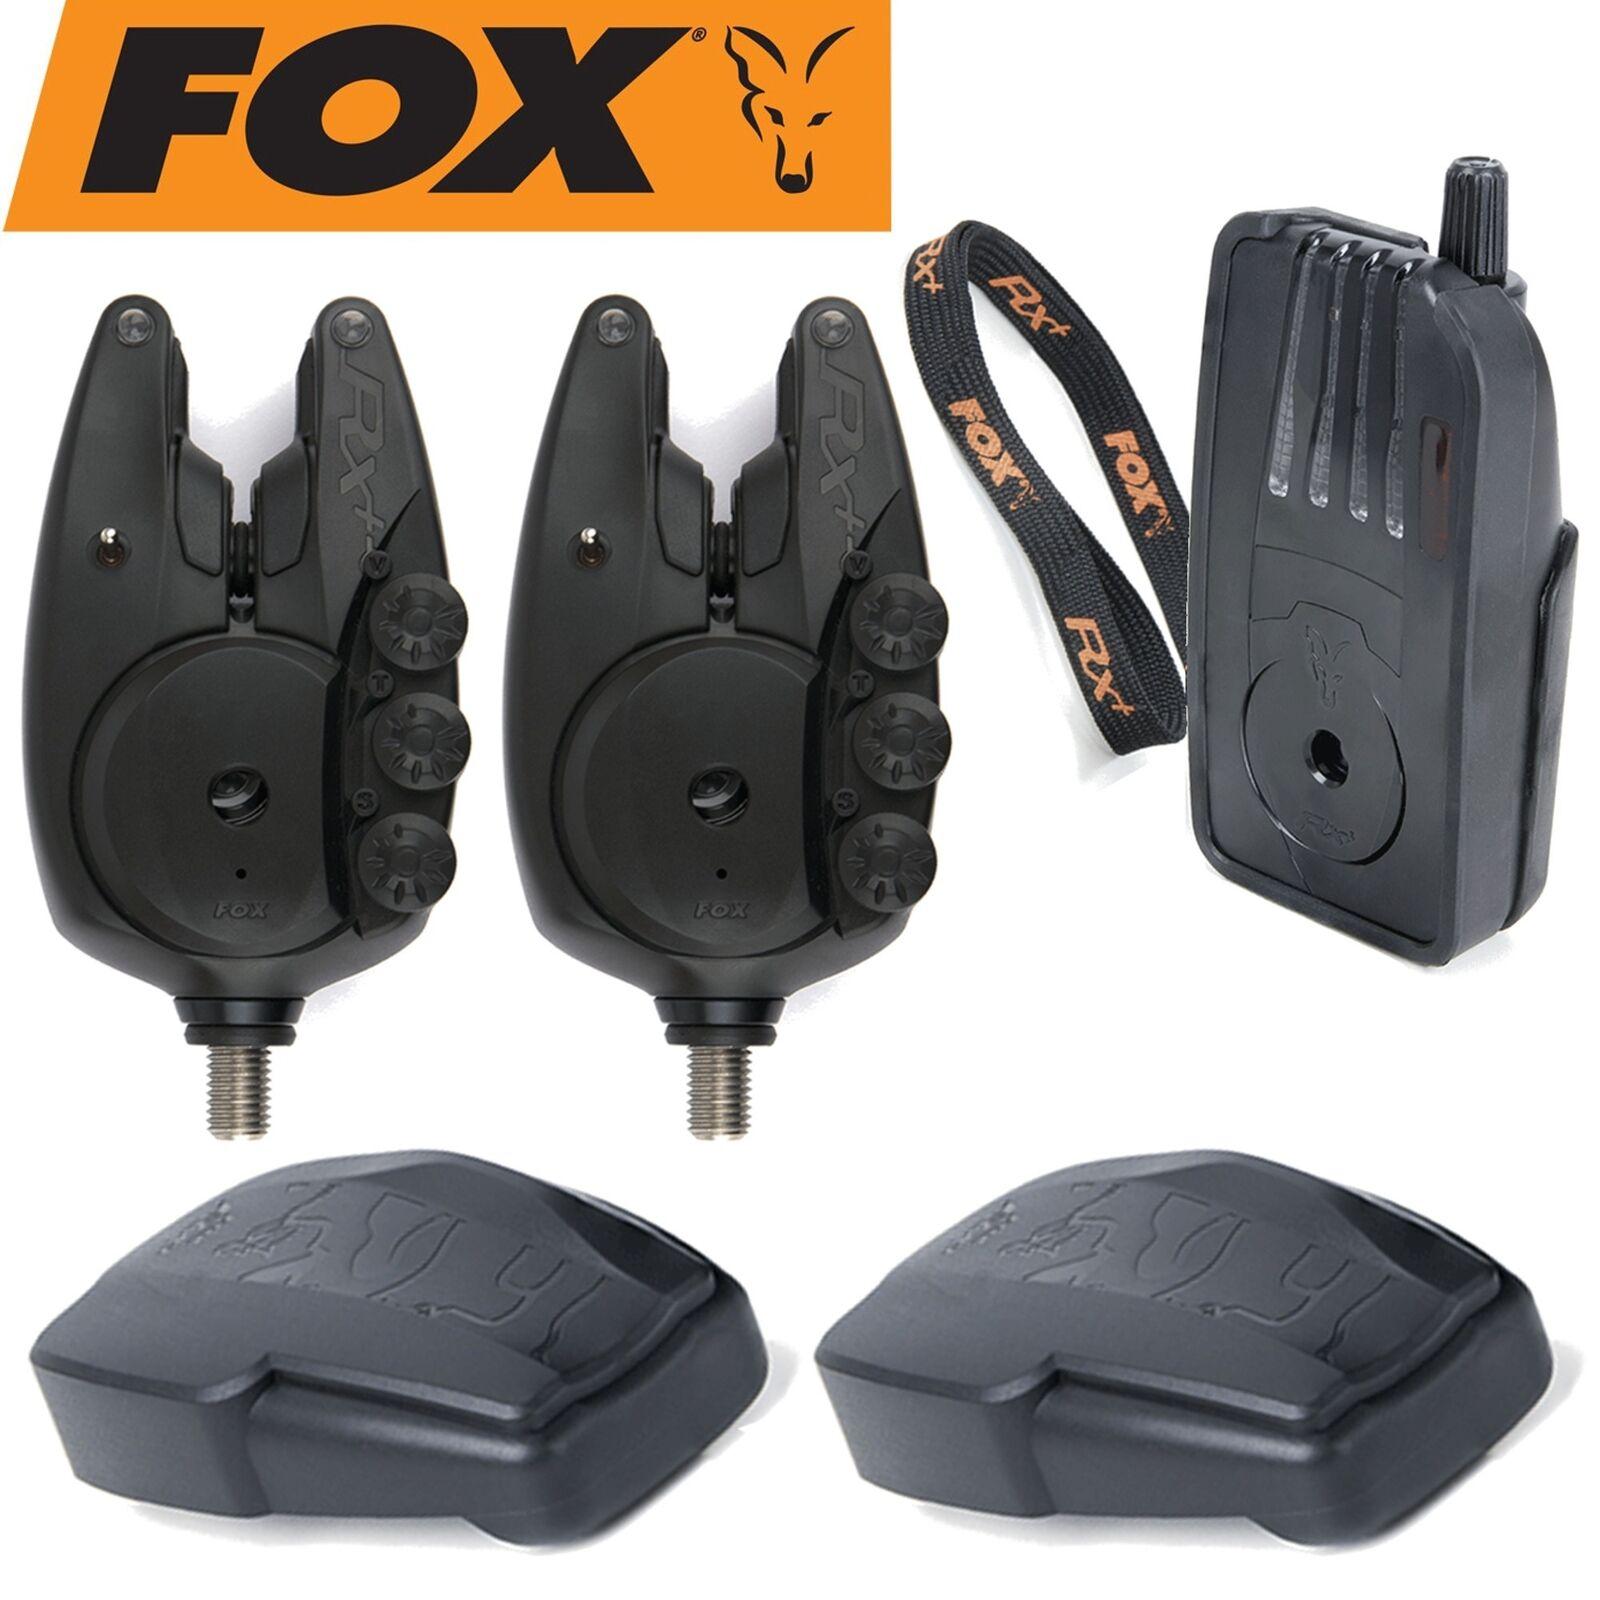 Fox Micron RX+ Funkbissanzeiger Set - 2 Bissanzeiger + 1 Receiver, Karpfenangeln